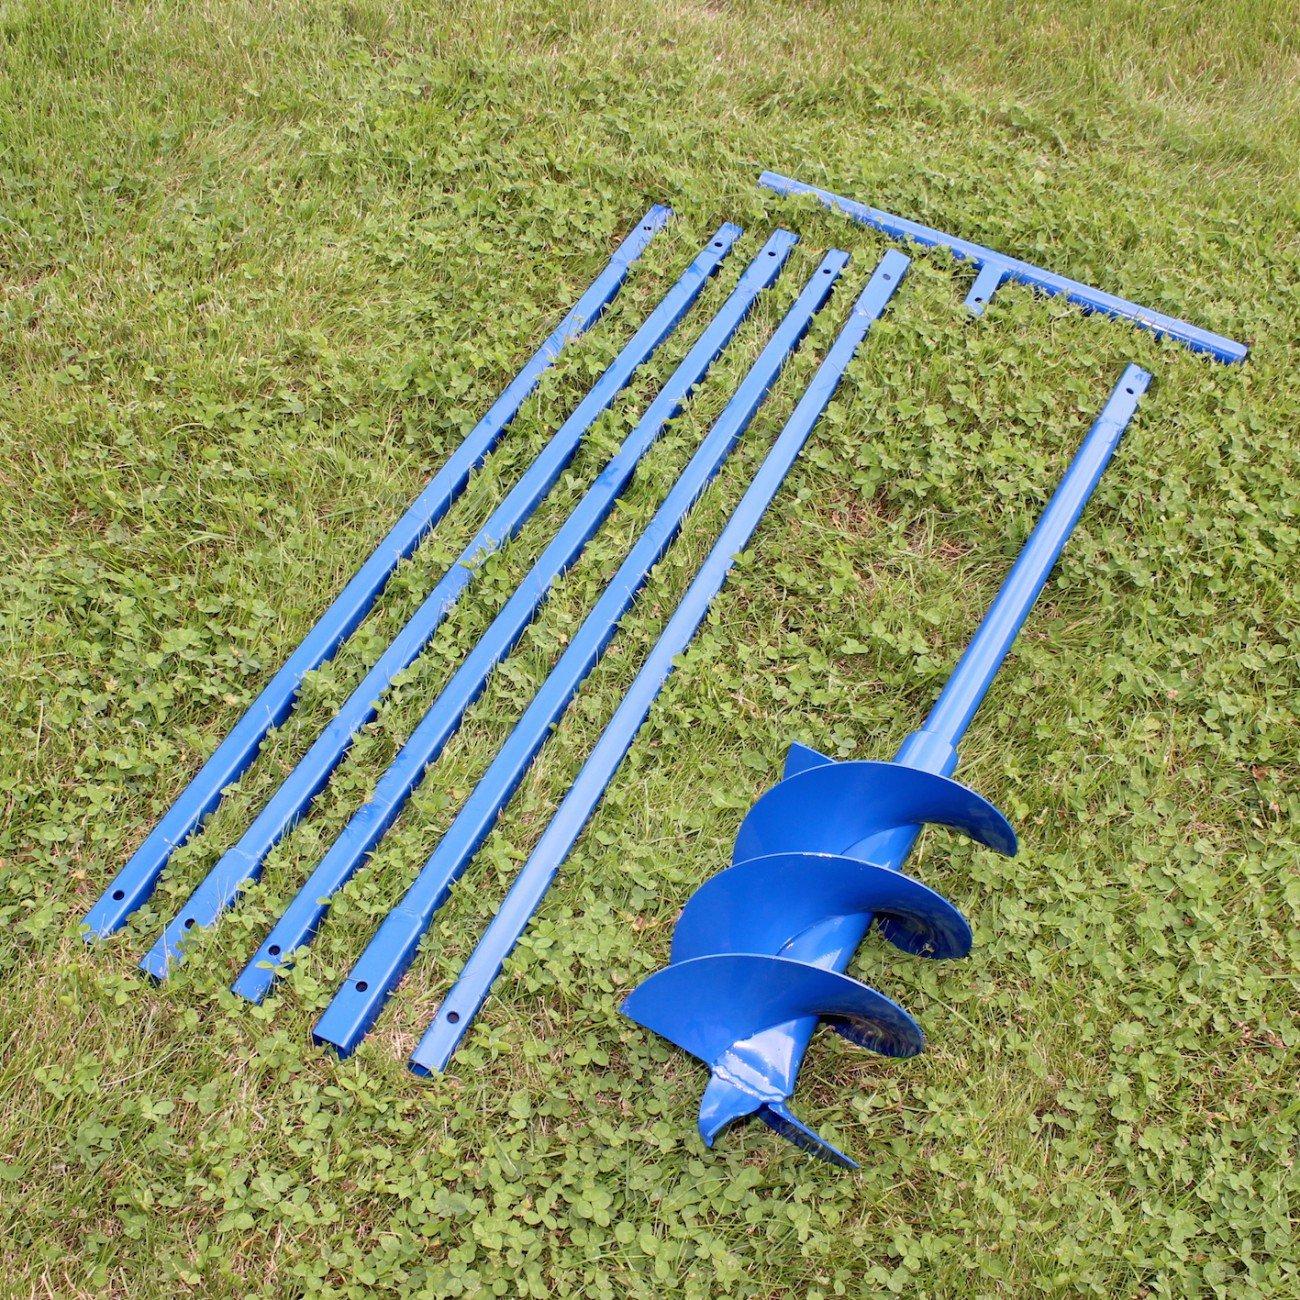 Brunnenbohrer / Erdbohrer zum Selberbohren von Brunnen oder tiefen Löchern, 200 mm / 20 cm x 6 Meter ( 5 Stücke 1 m lang), robuste Stahl Ausführung lackiert